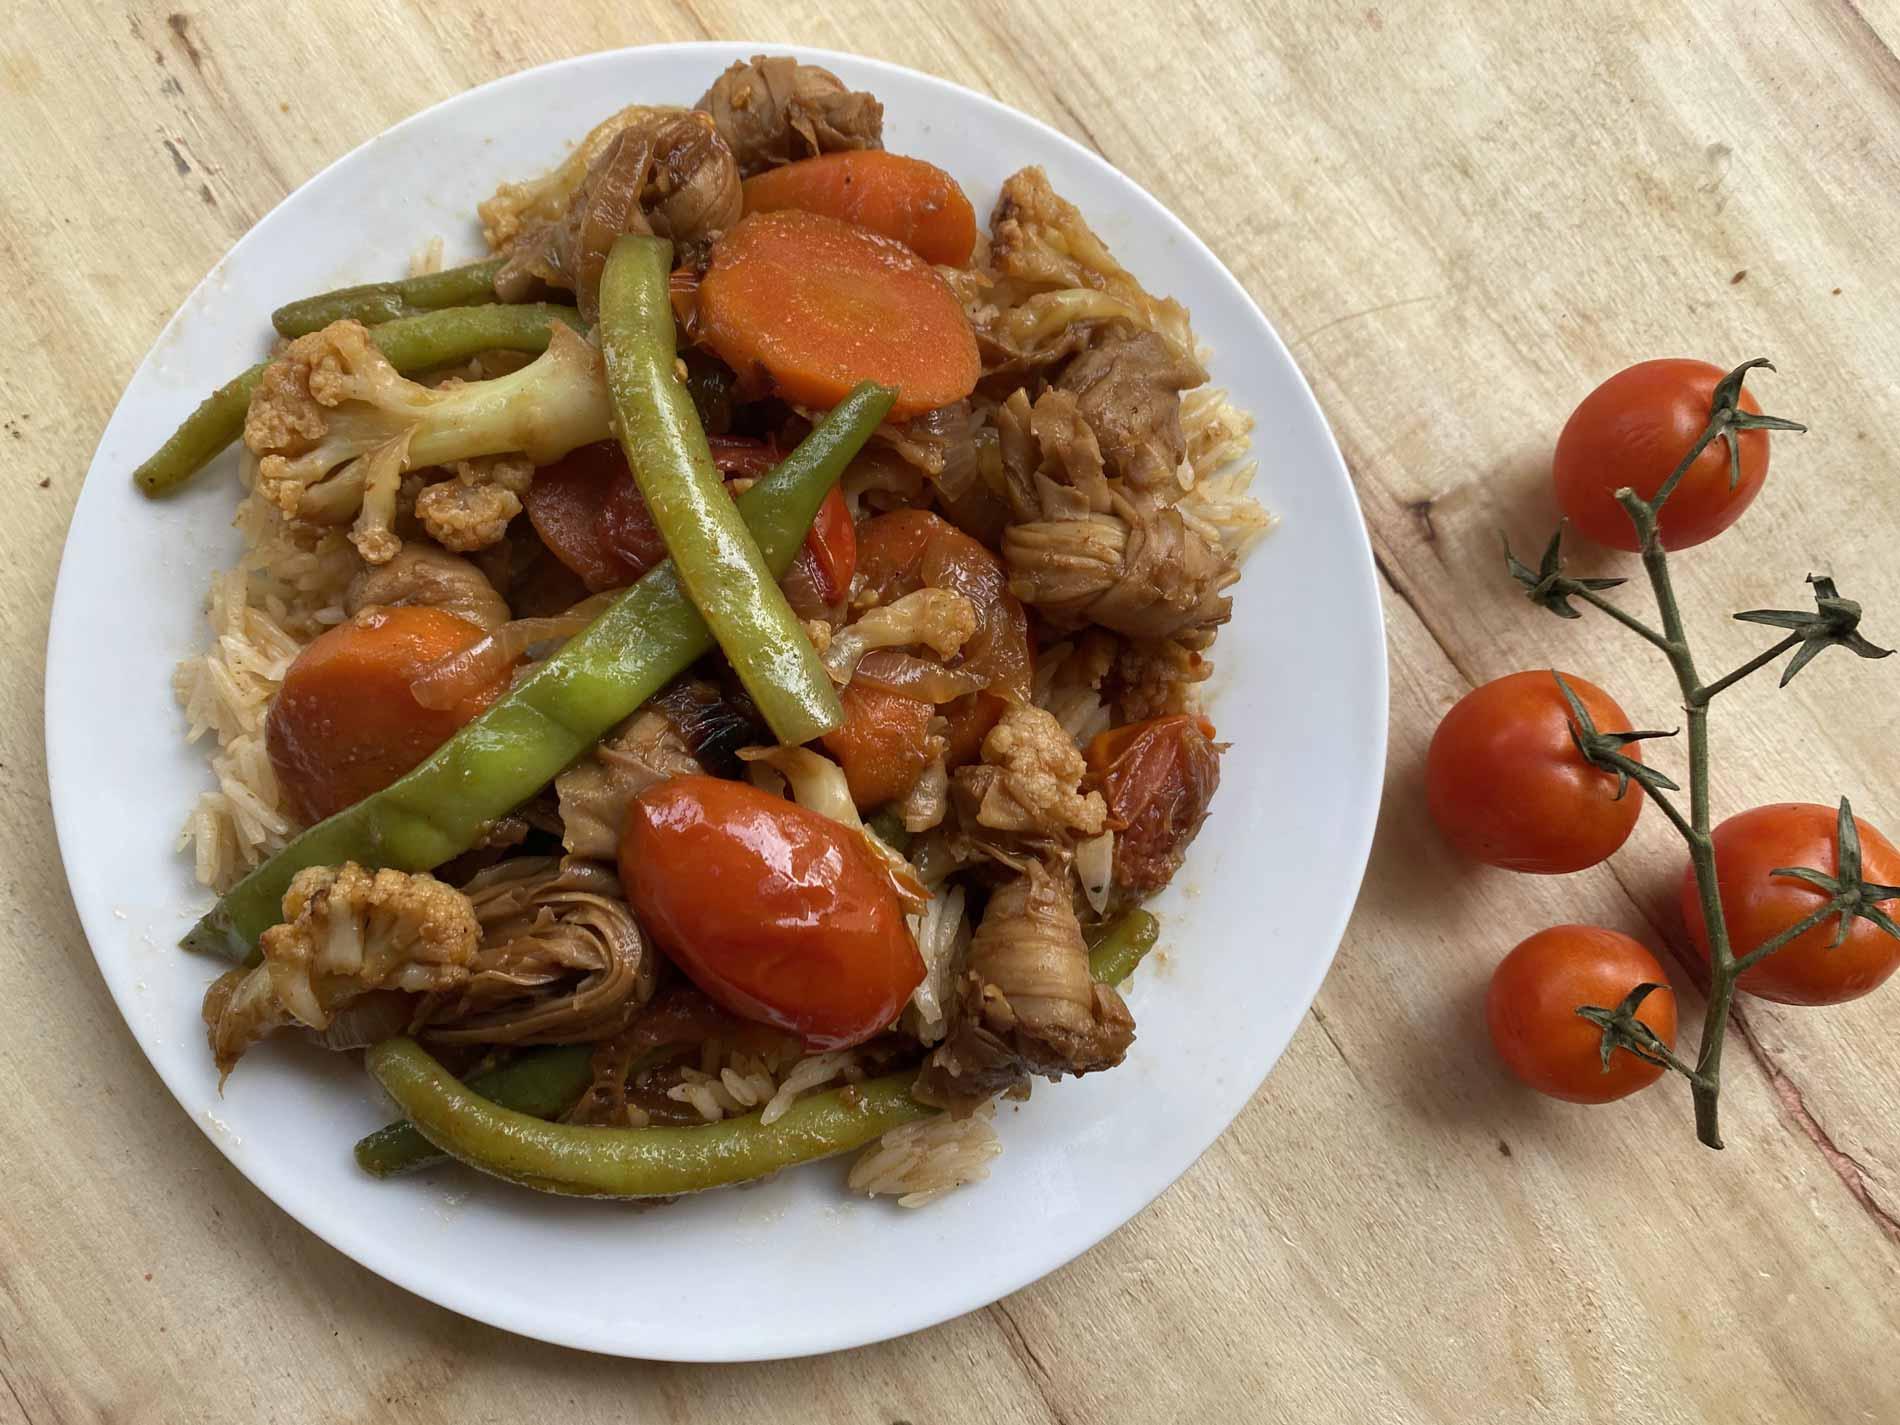 ירקות מוקפצים עם פתיתי סויה על צלחת